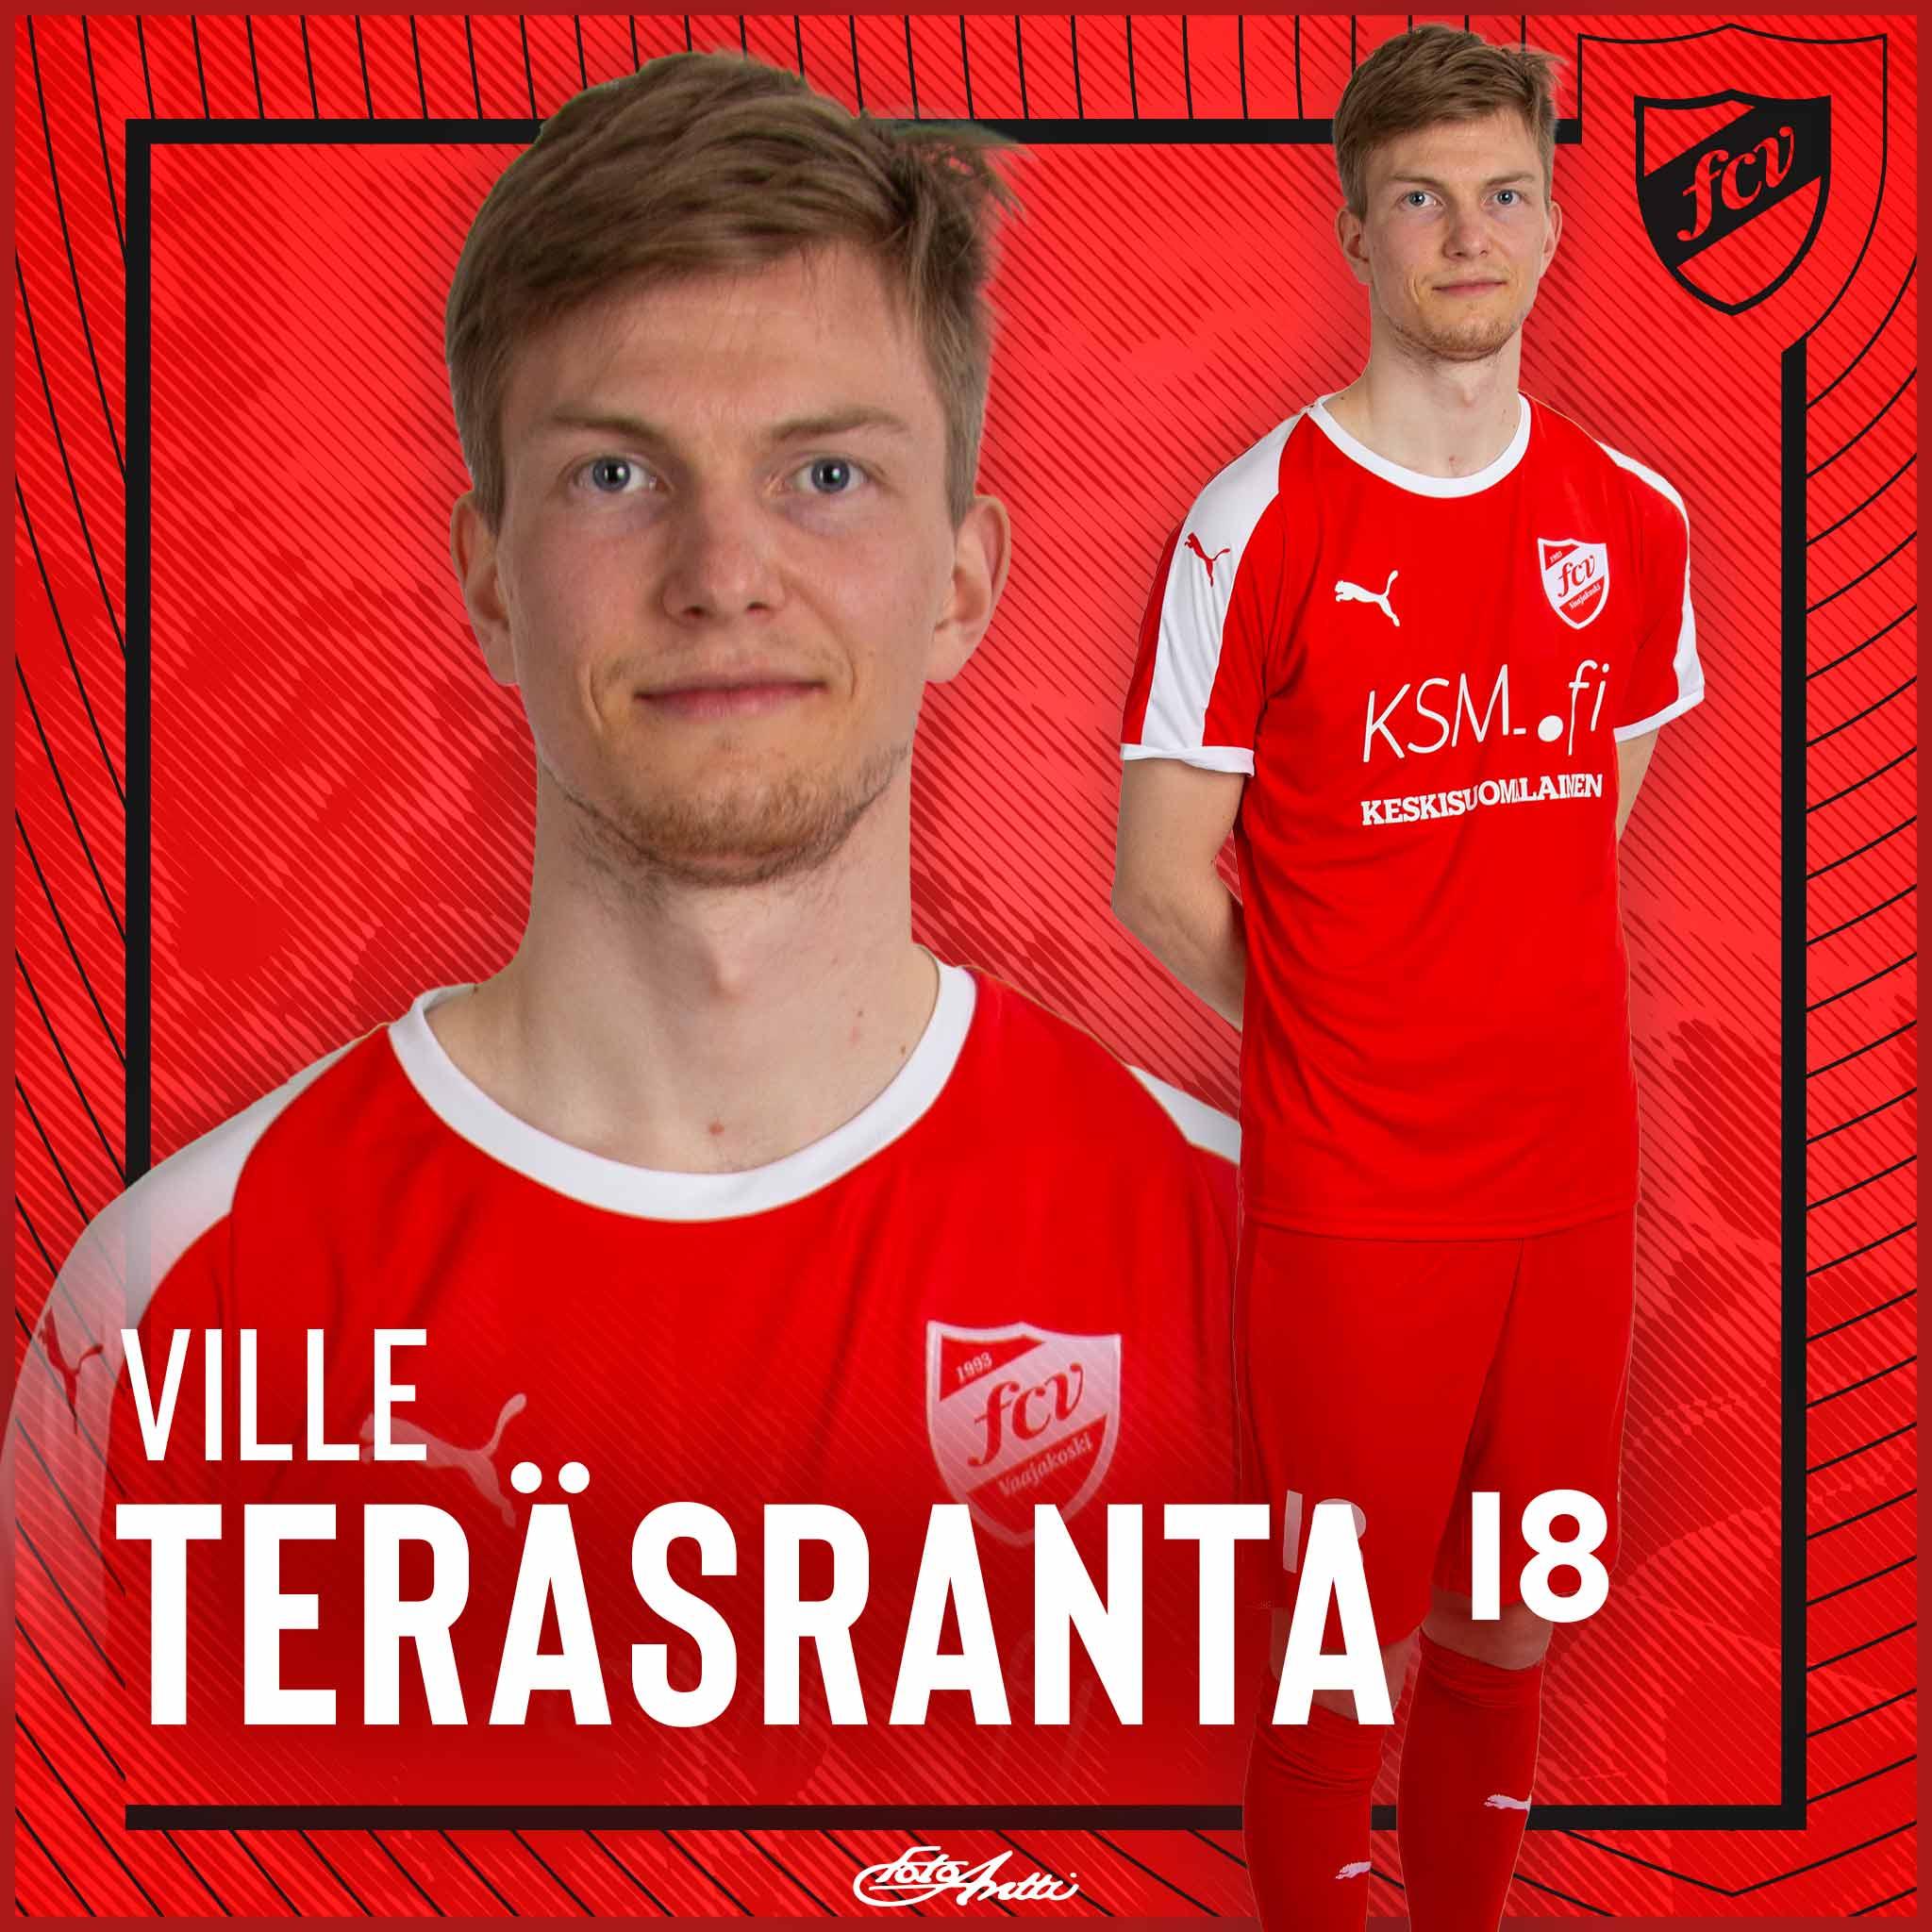 Ville Teräsranta